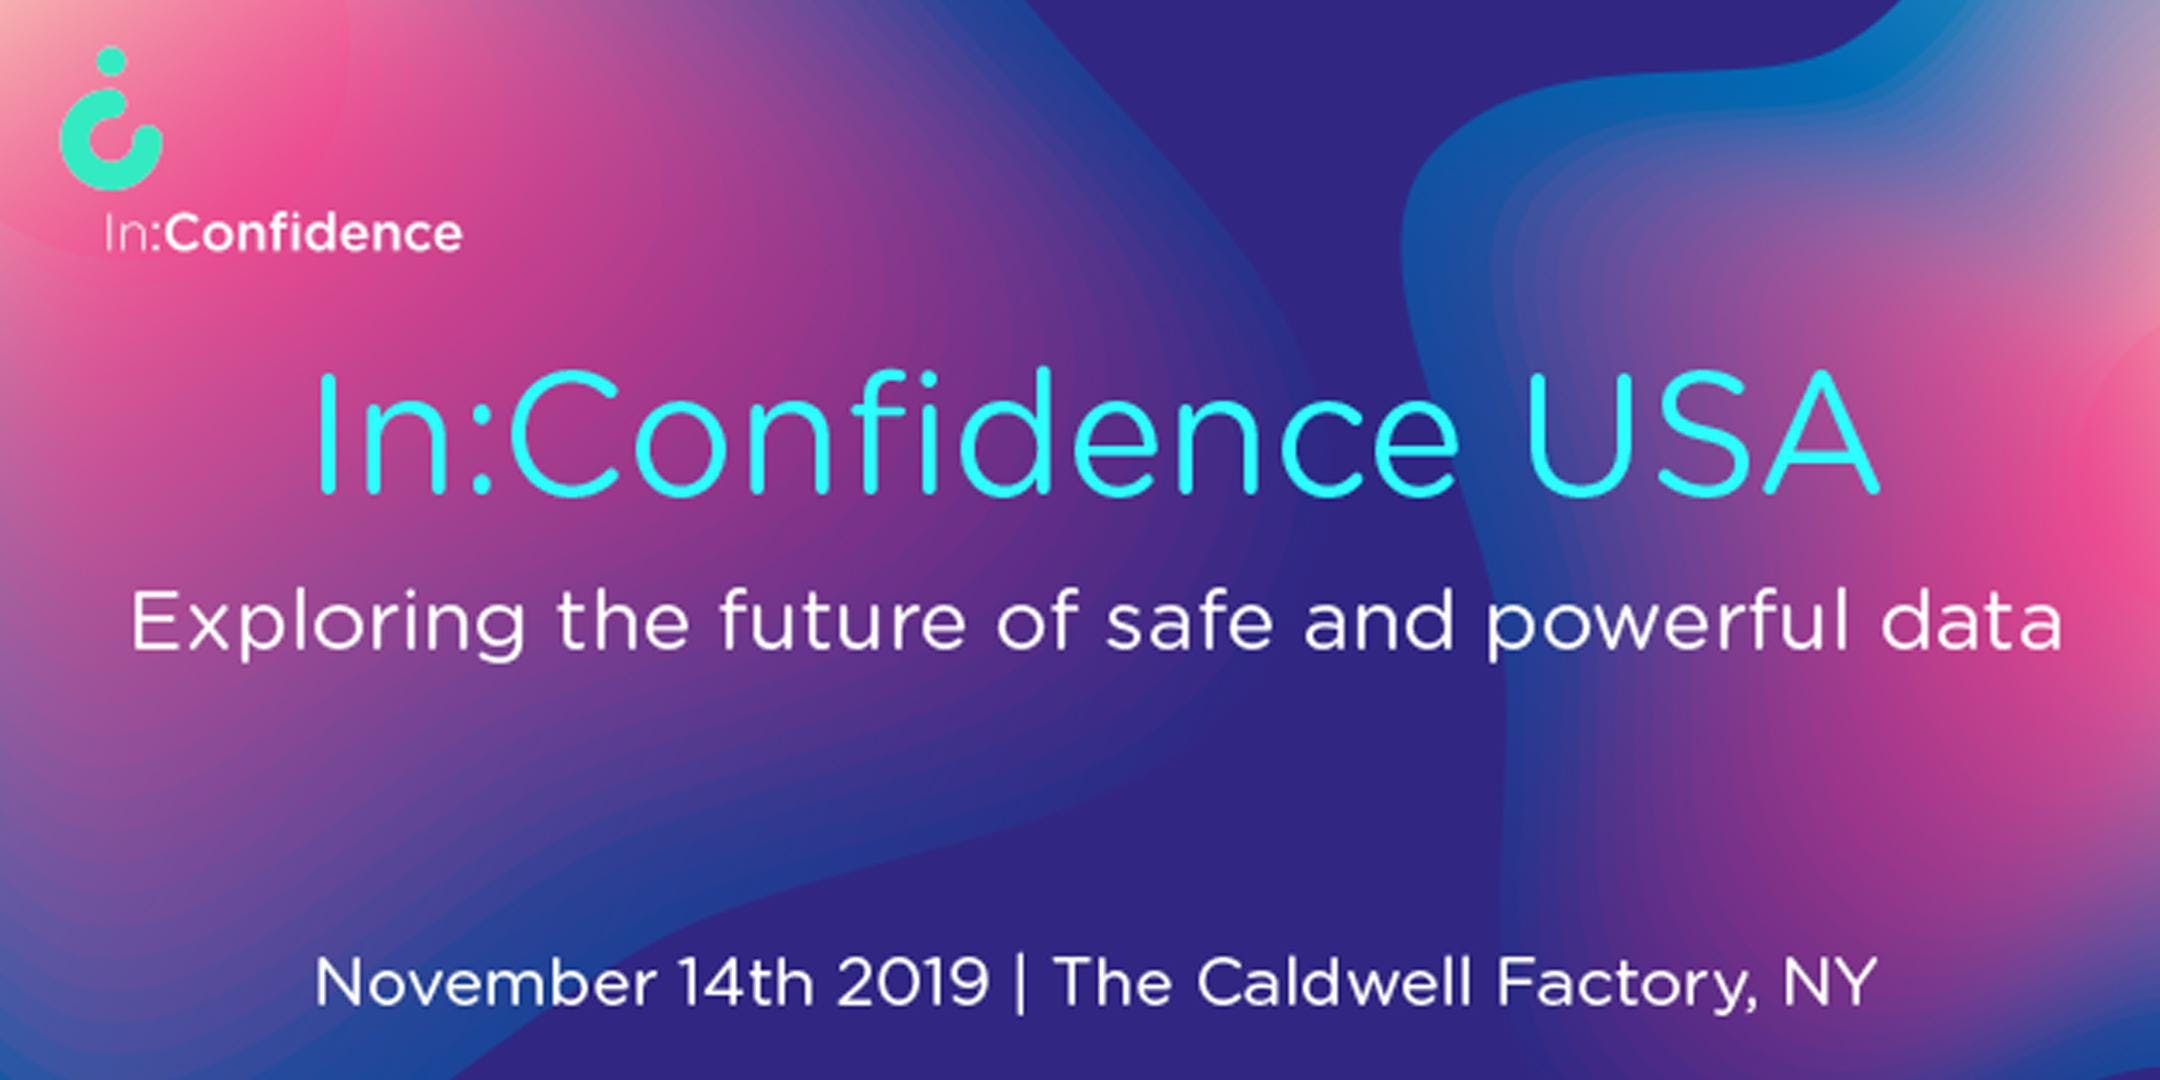 InConfidence USA 2019